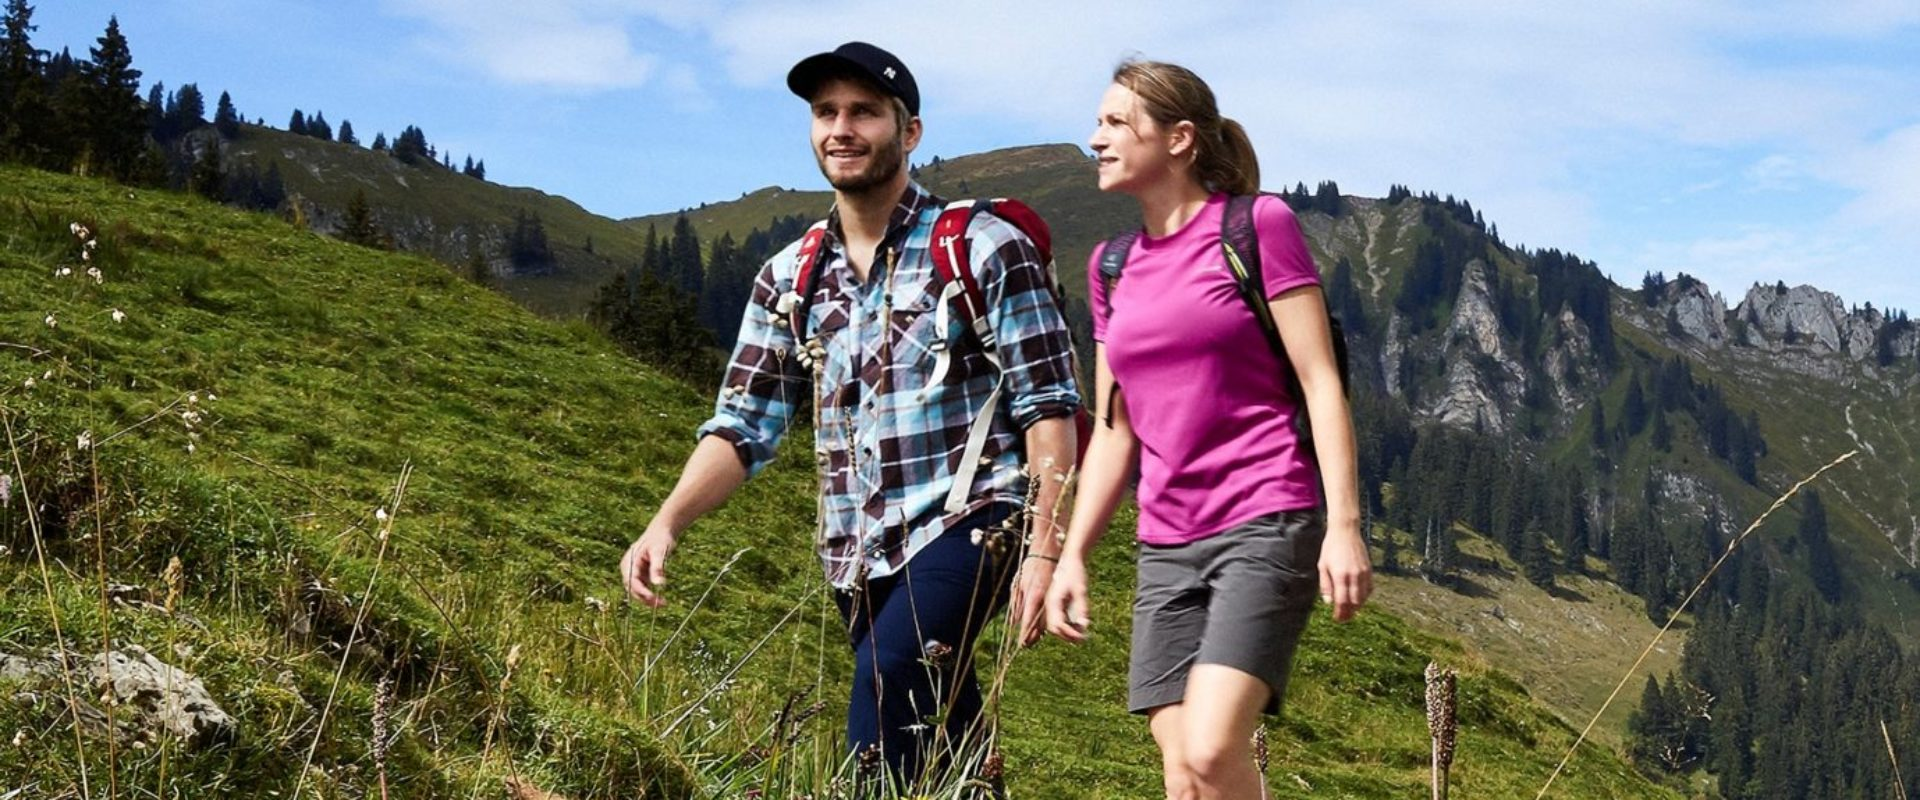 Wandern in der Naehe der Alpe Sattelegg in Au Adolf Bereuter - Bregenzerwald Tourismus_zugeschnitten